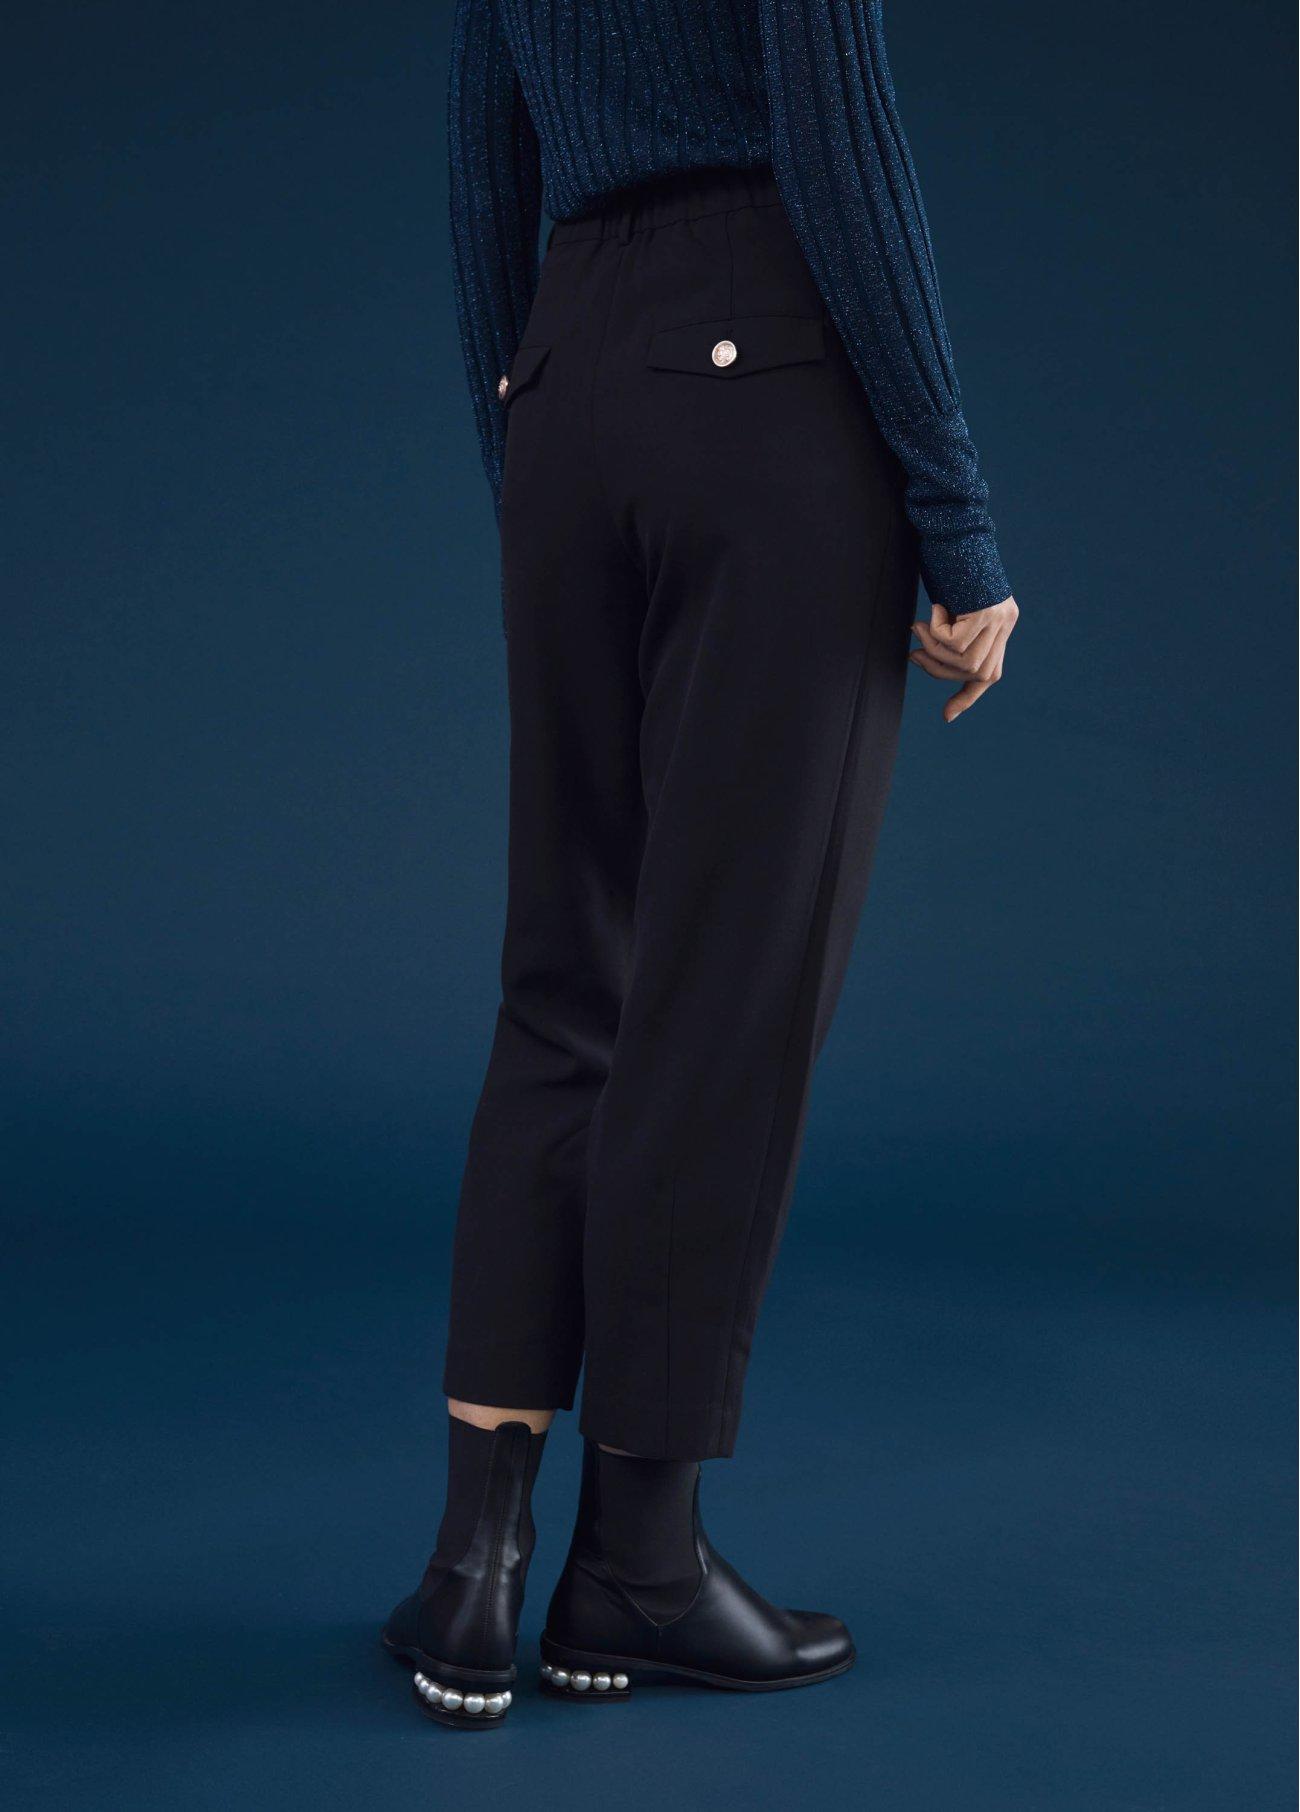 Pantalón con pinzas cintura alta, negro 2